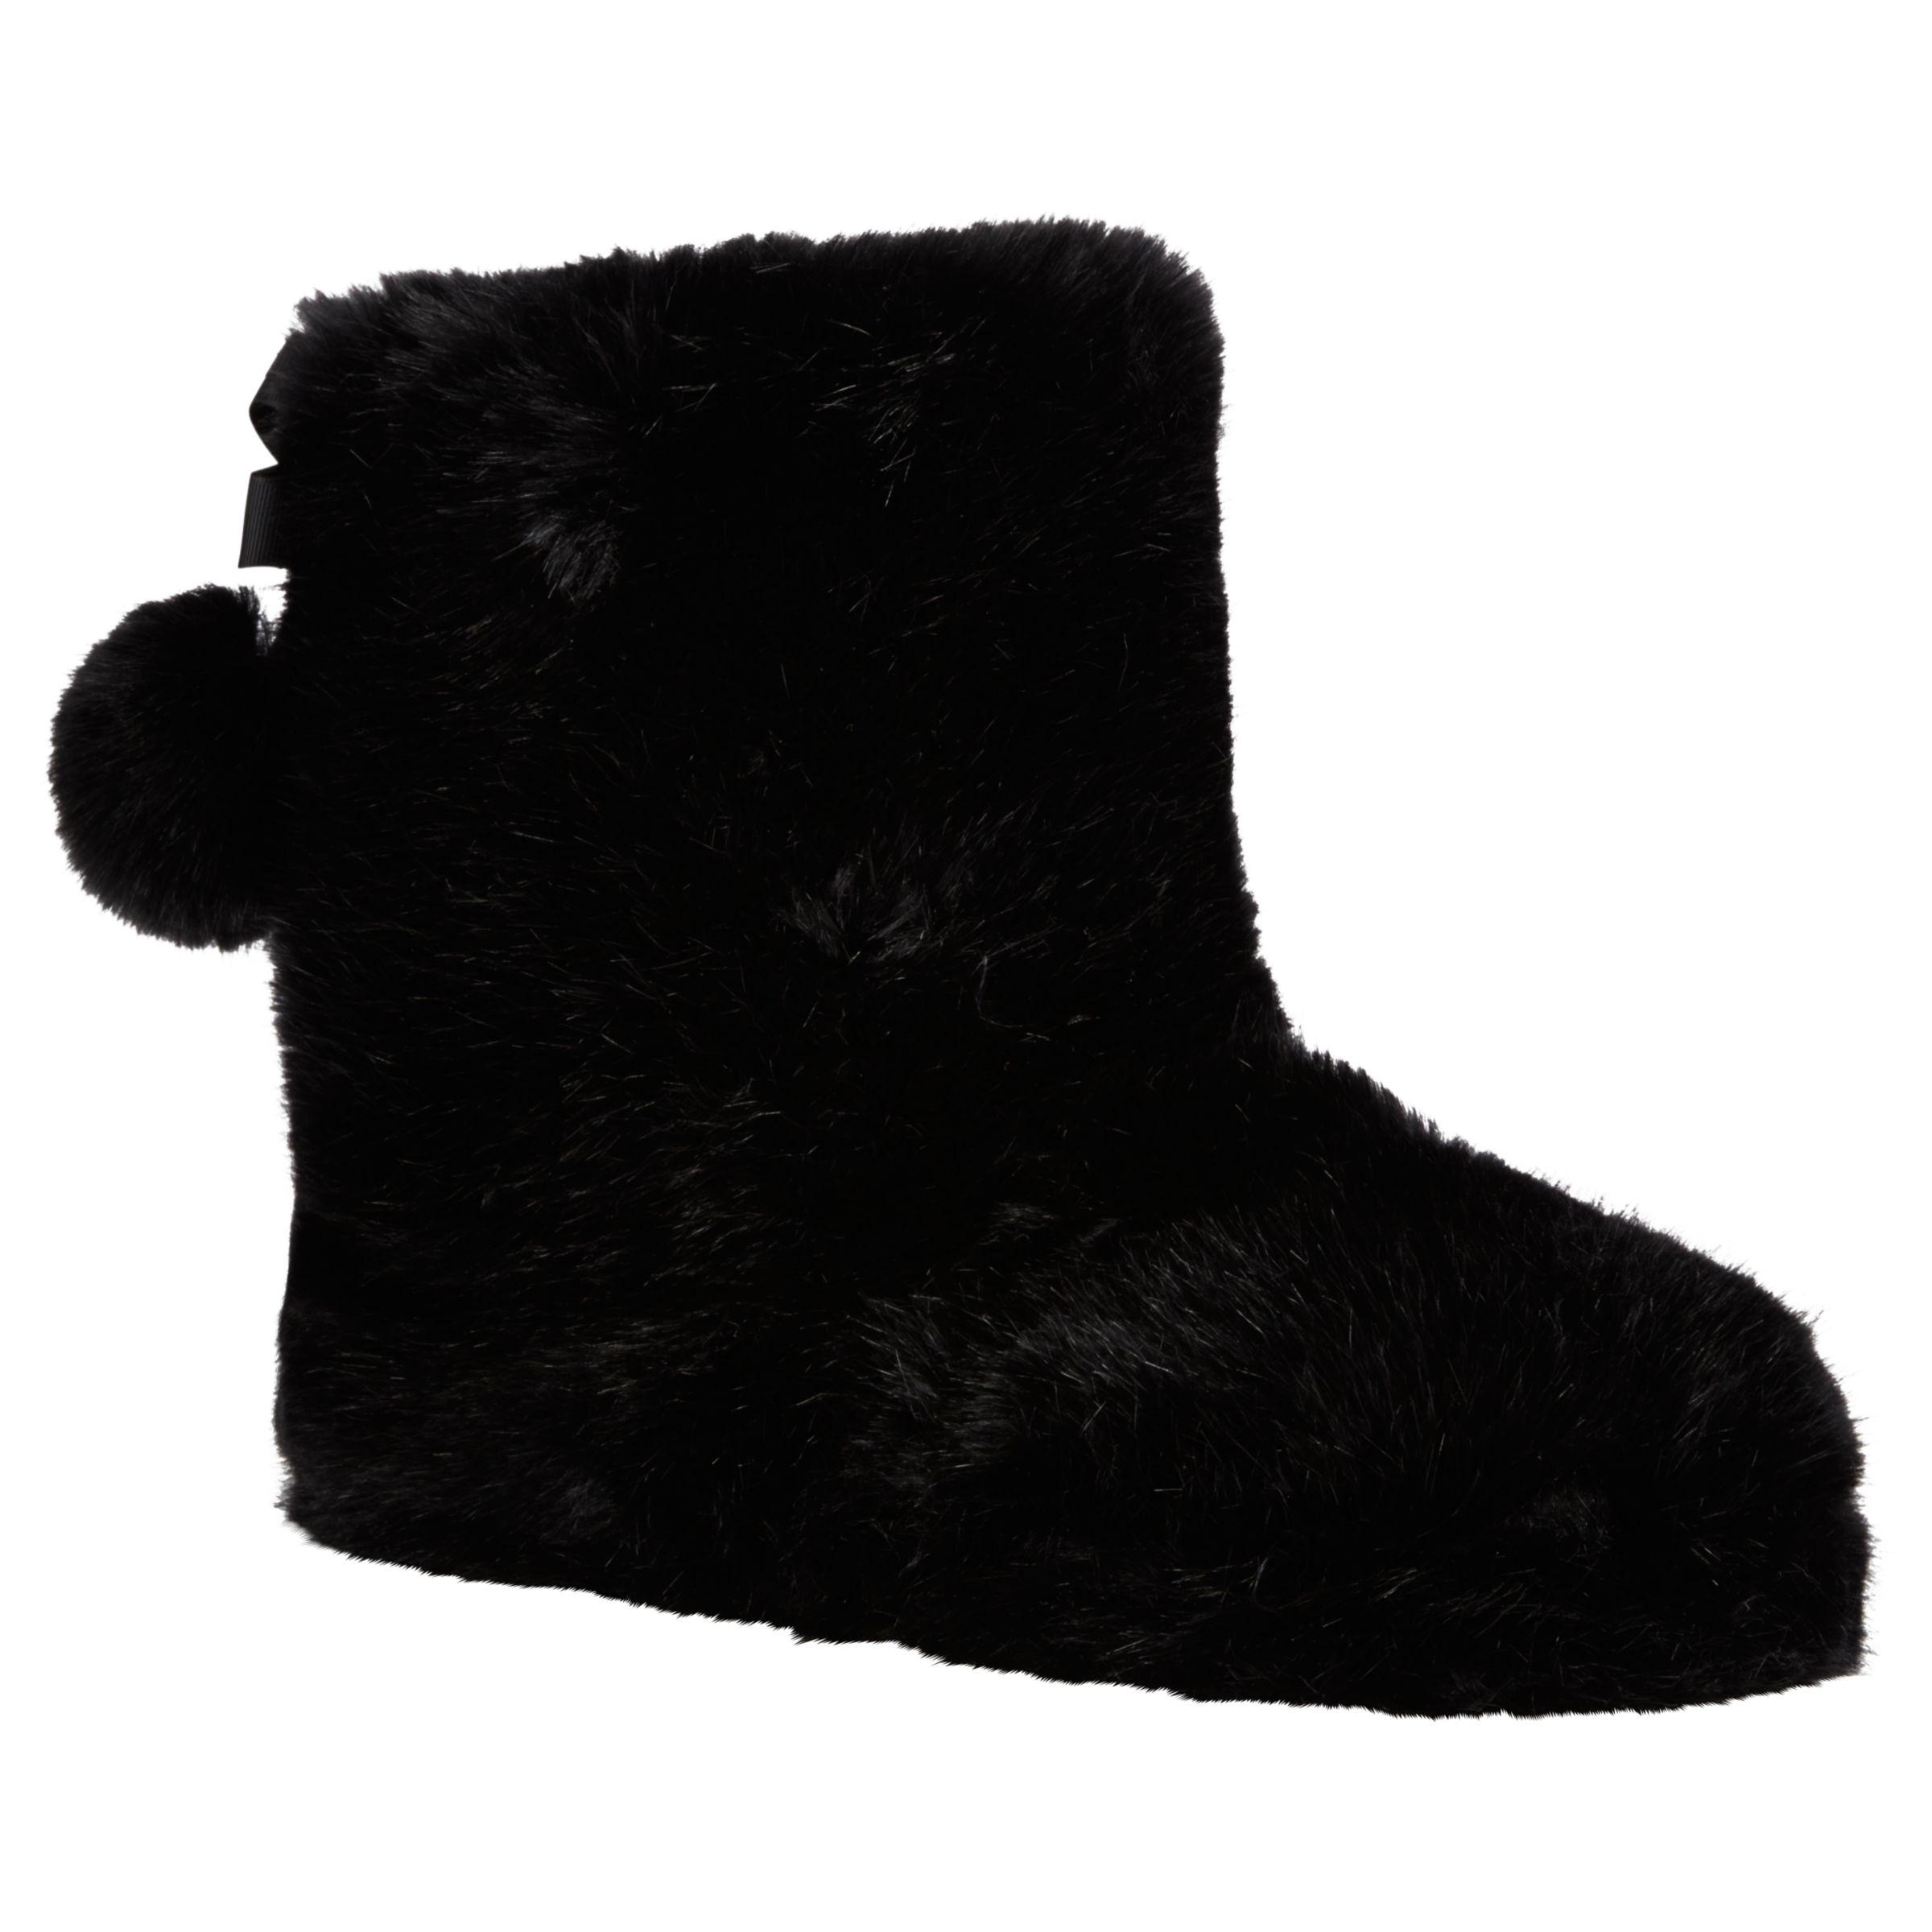 92e180ec9 Ted Baker Hamond Boot Slippers, Black at John Lewis & Partners